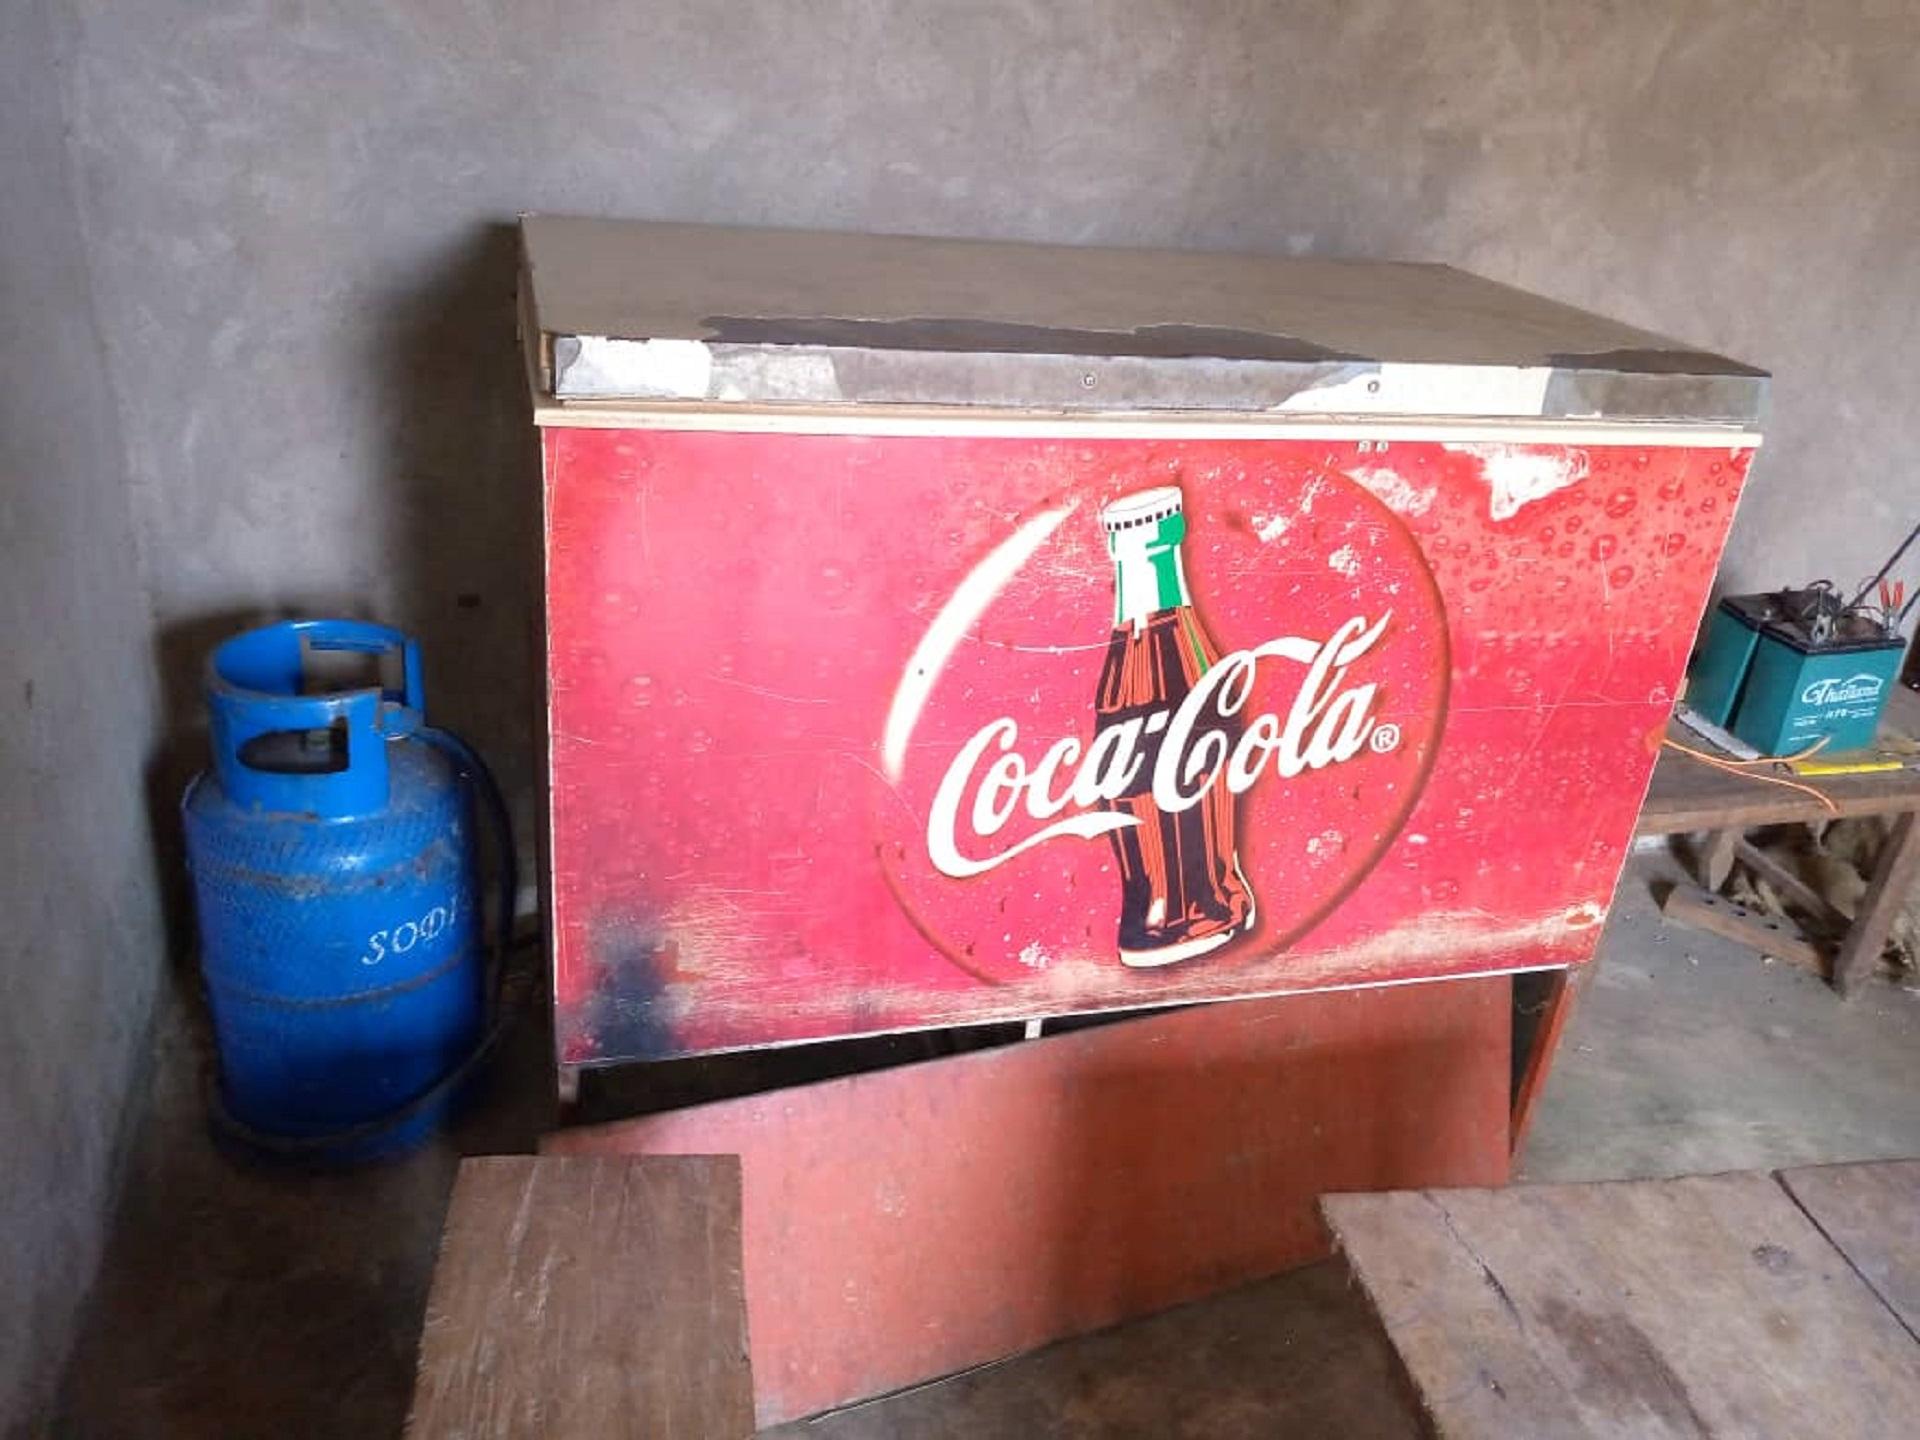 Un congélateur dans une arrière-boutique en Afrique